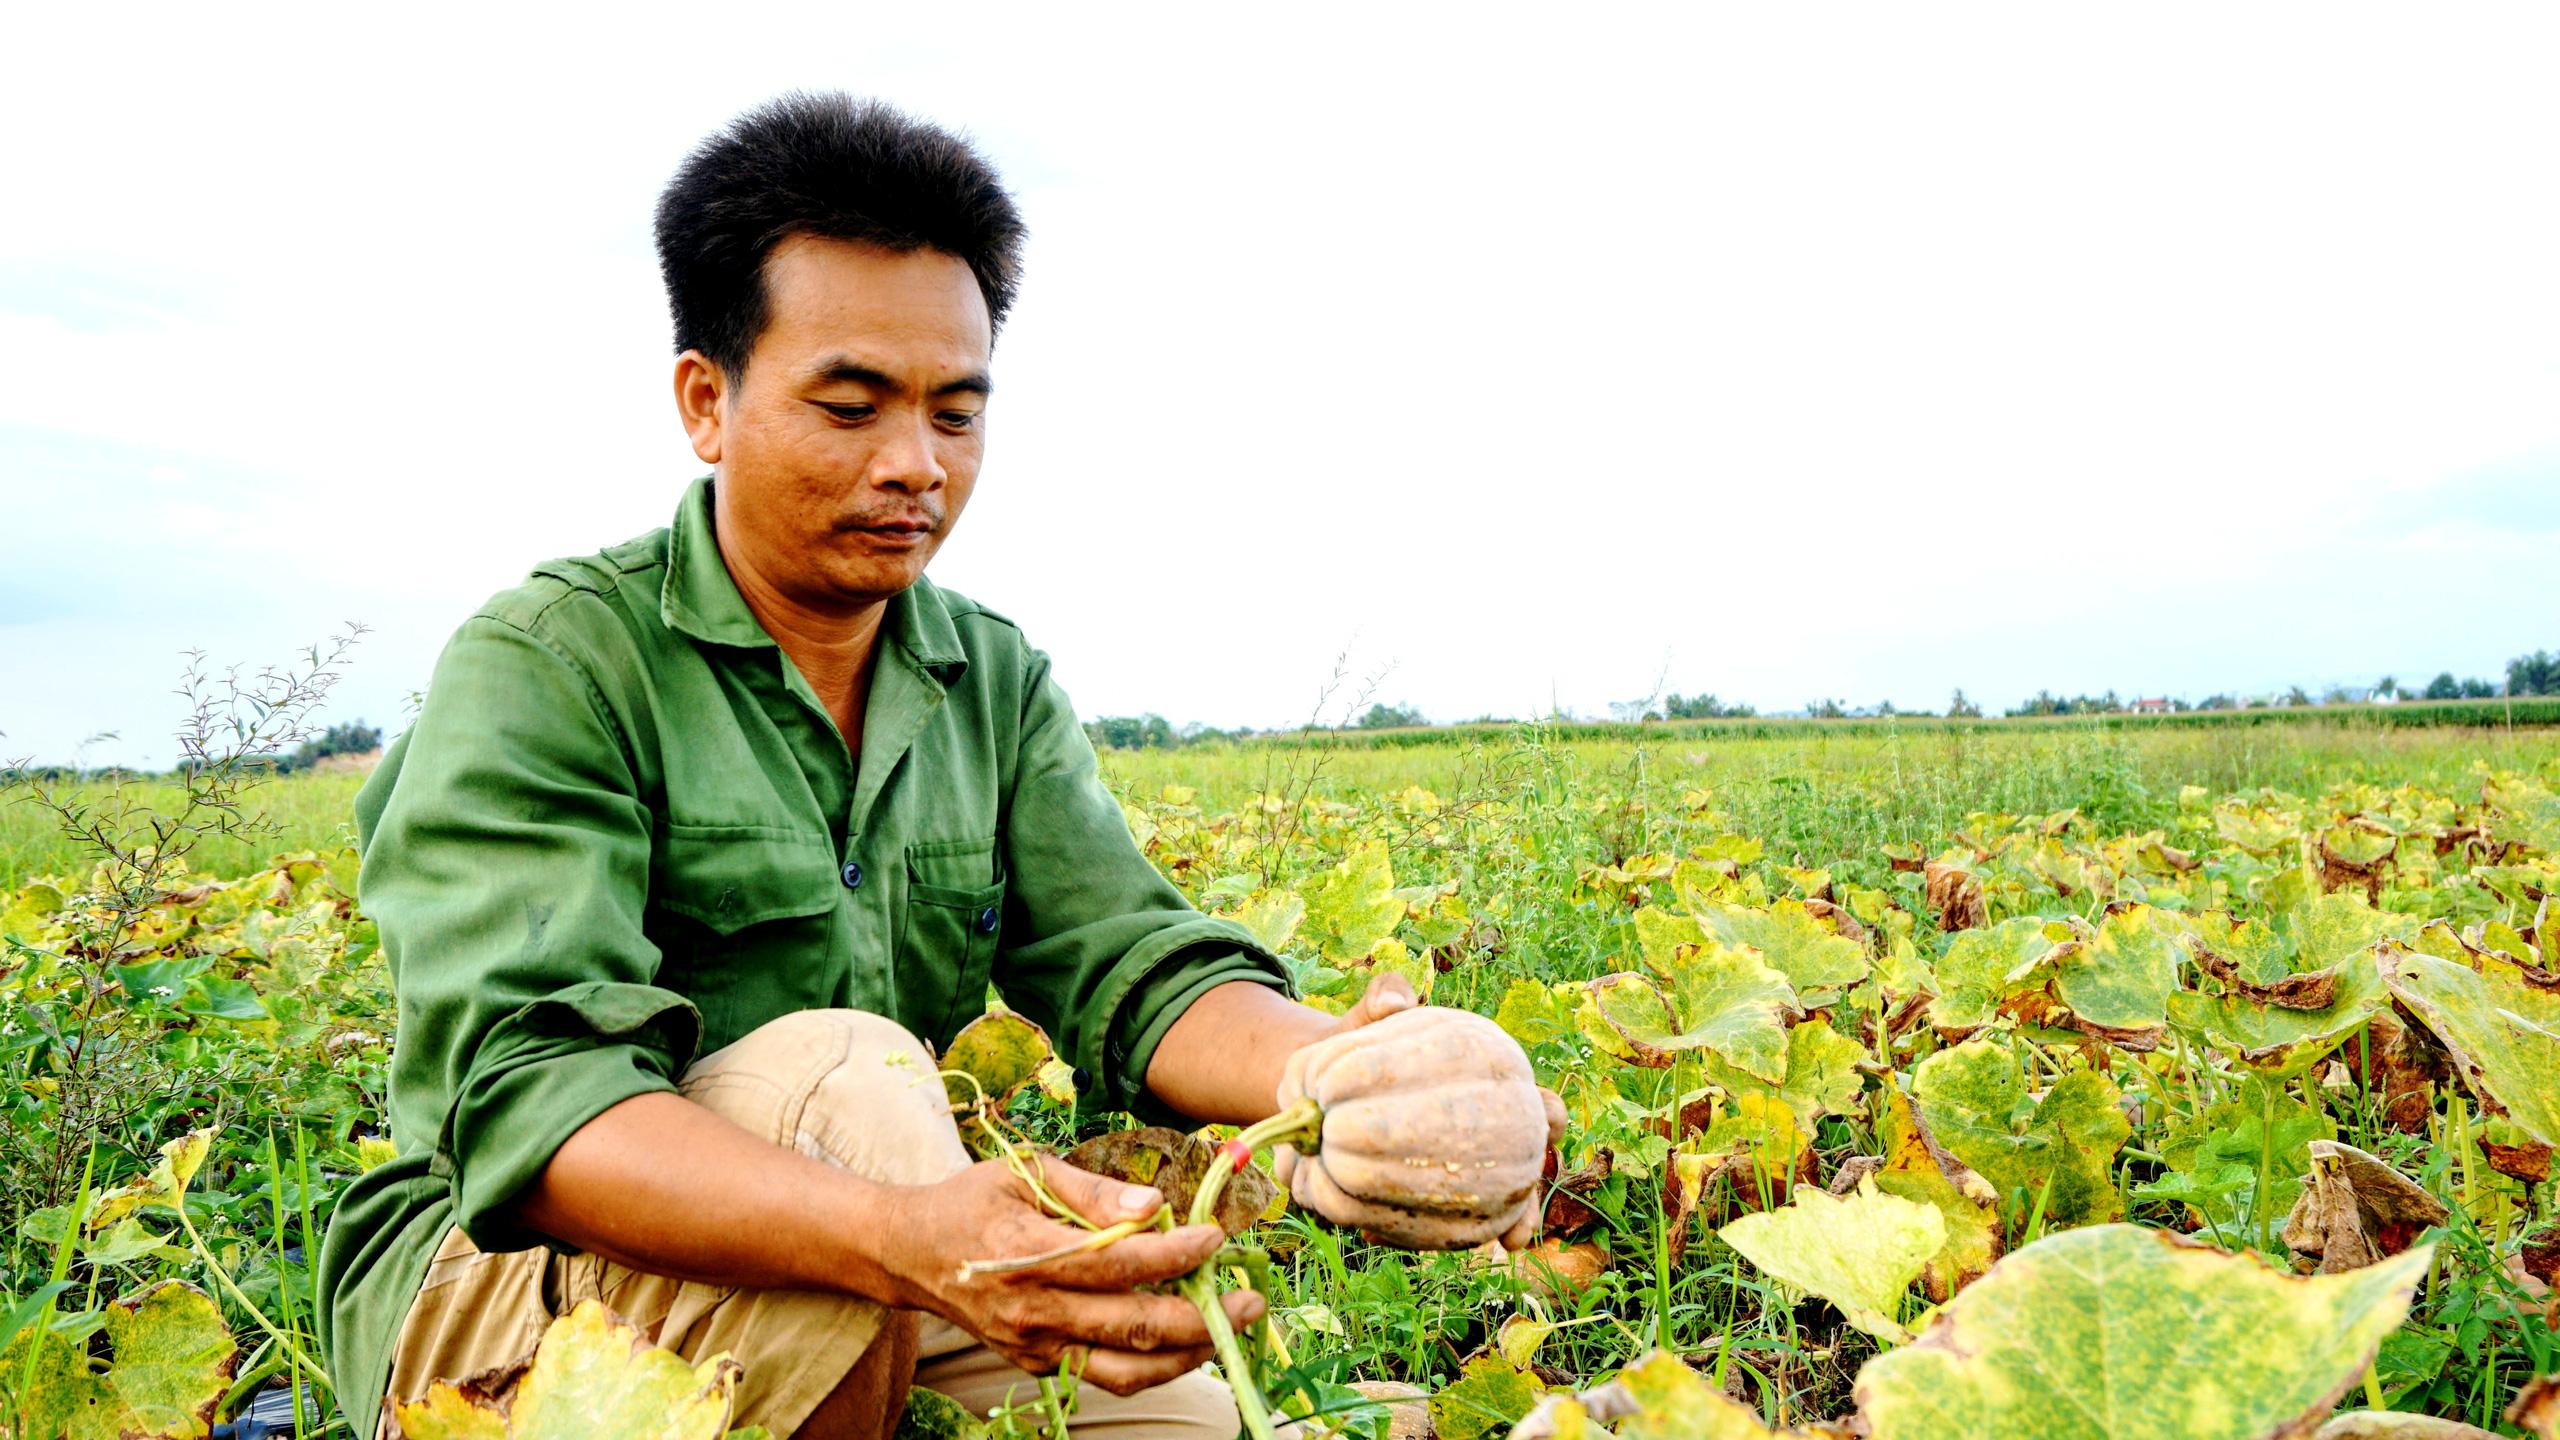 """Đồng Nai: Trồng """"nhà vô địch dinh dưỡng"""" chỉ lấy hạt, nông dân vùng miền núi nghèo khó này khấm khá - Ảnh 1."""